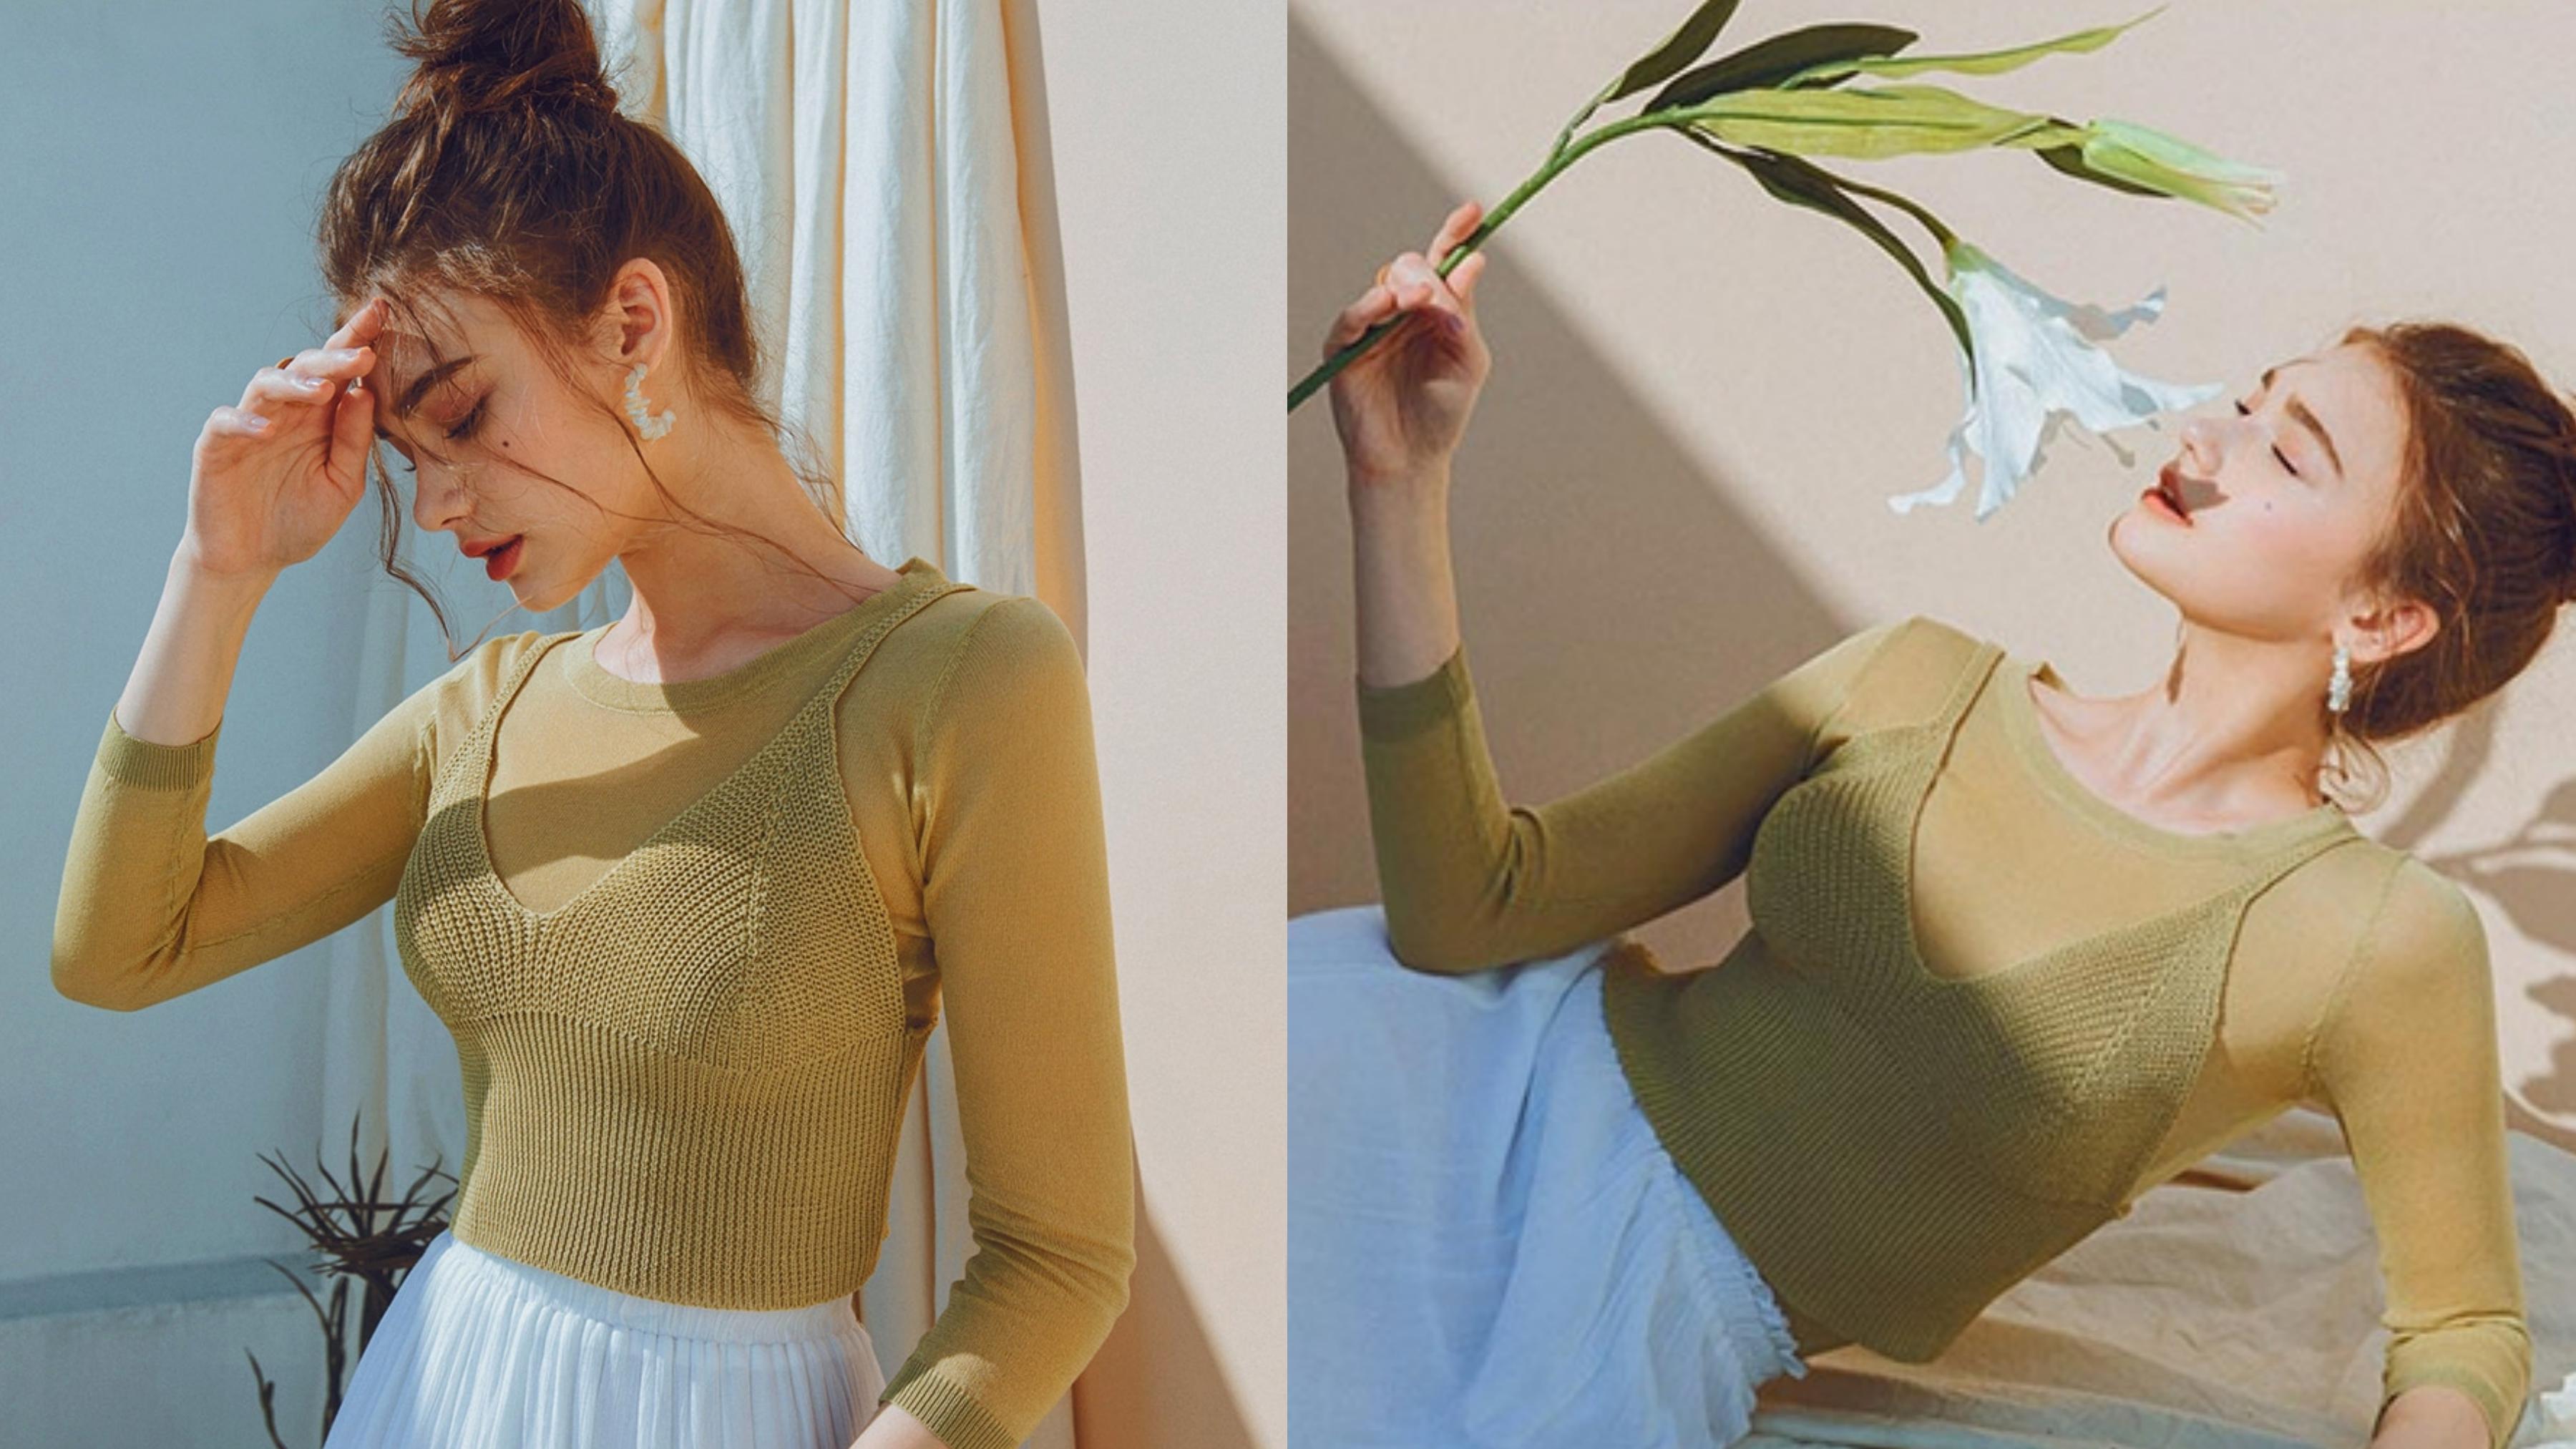 韓妞很愛的合身針織設計,凸顯出美好的身型。